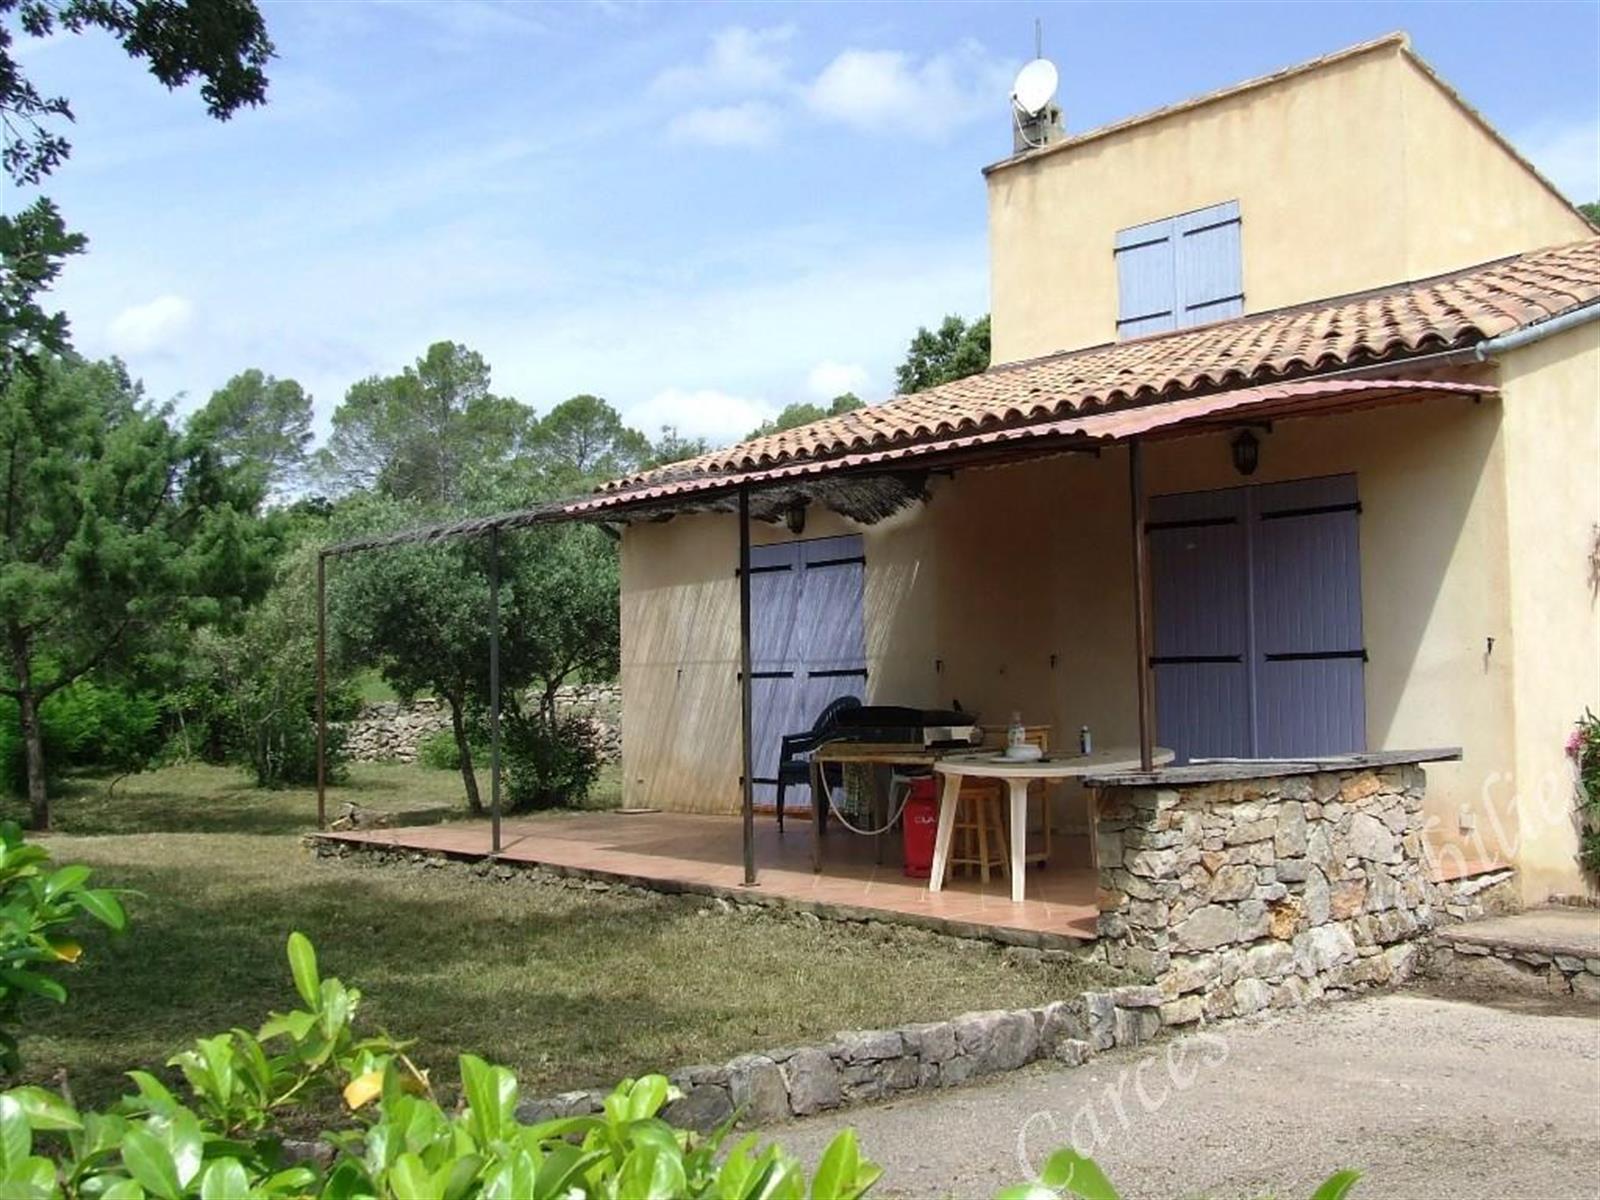 Maison de vacances - Cotignac - #4184431-0